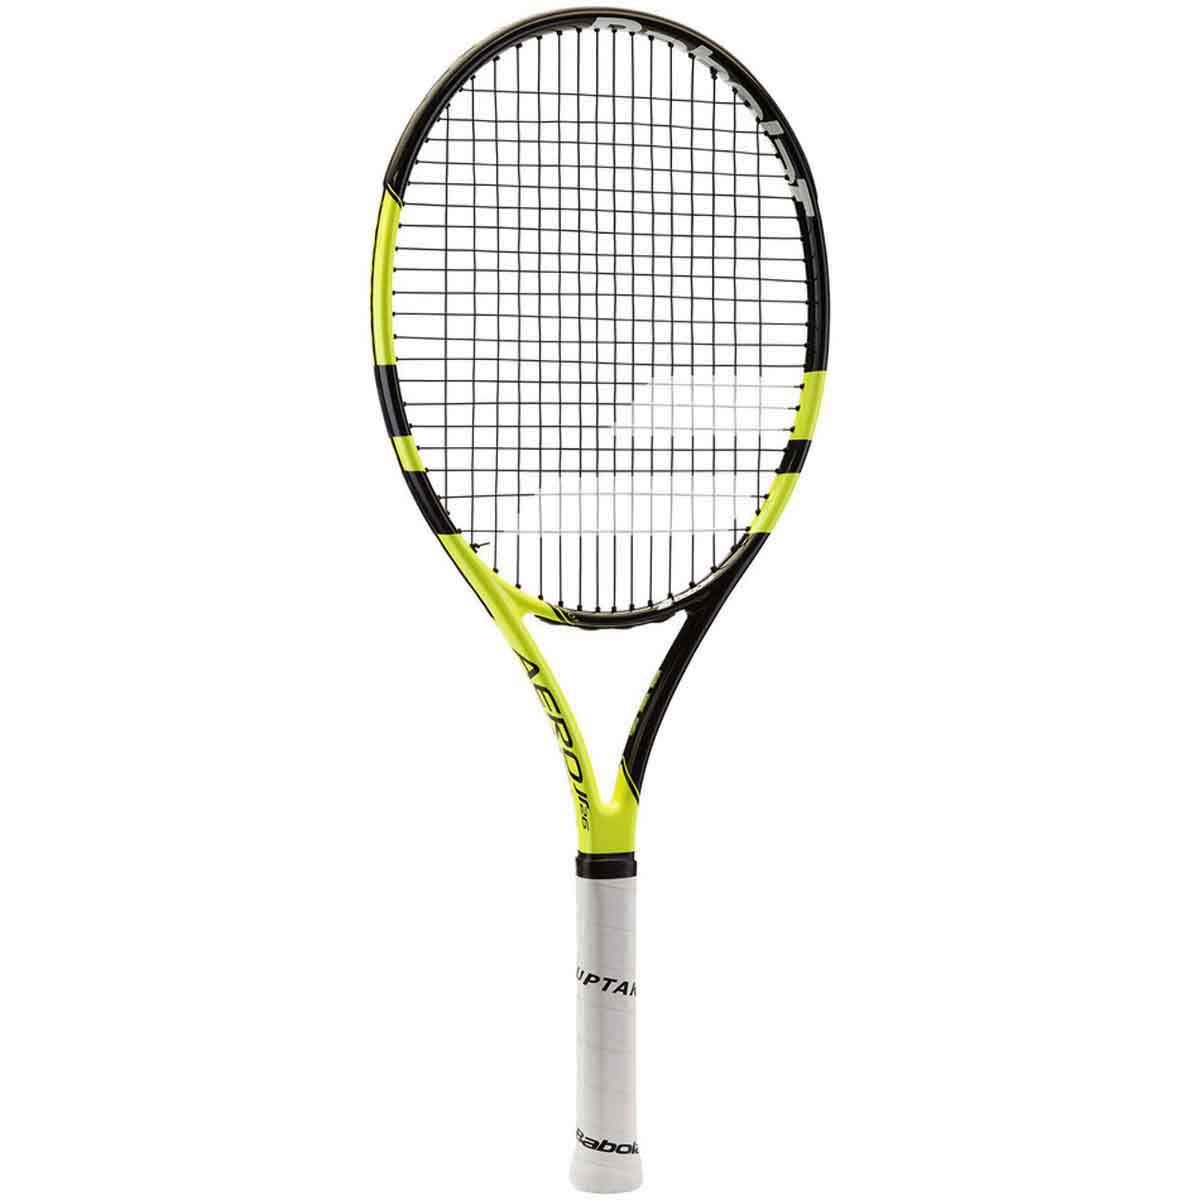 Babolat Aero Junior 26 Tennis Racquet Strung In 2020 Tennis Tennis Racquet Tennis Racket